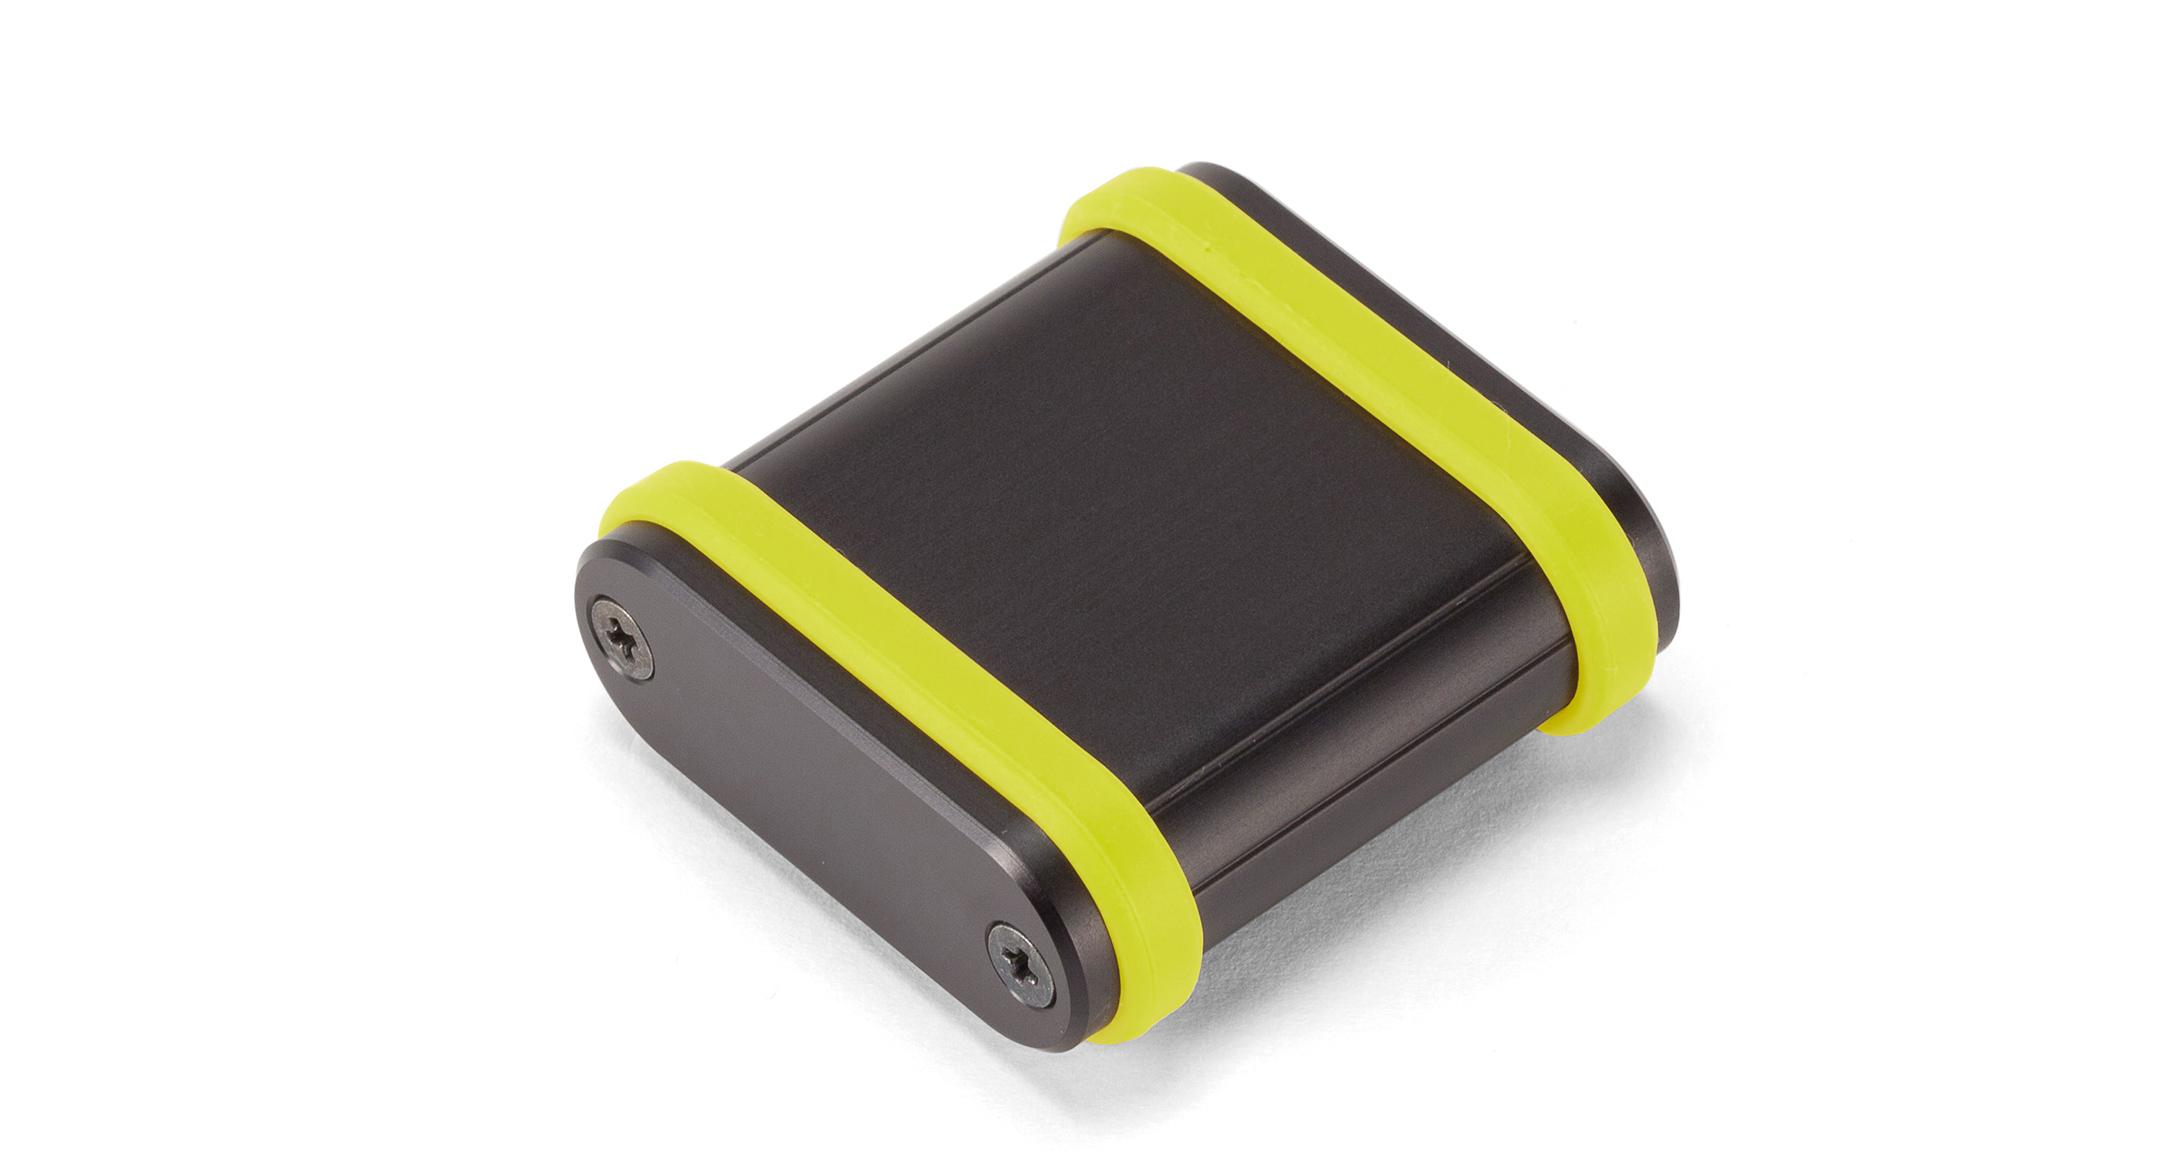 シリコンバンド付モバイルケース MXBシリーズ:ブラック/グリーンの画像